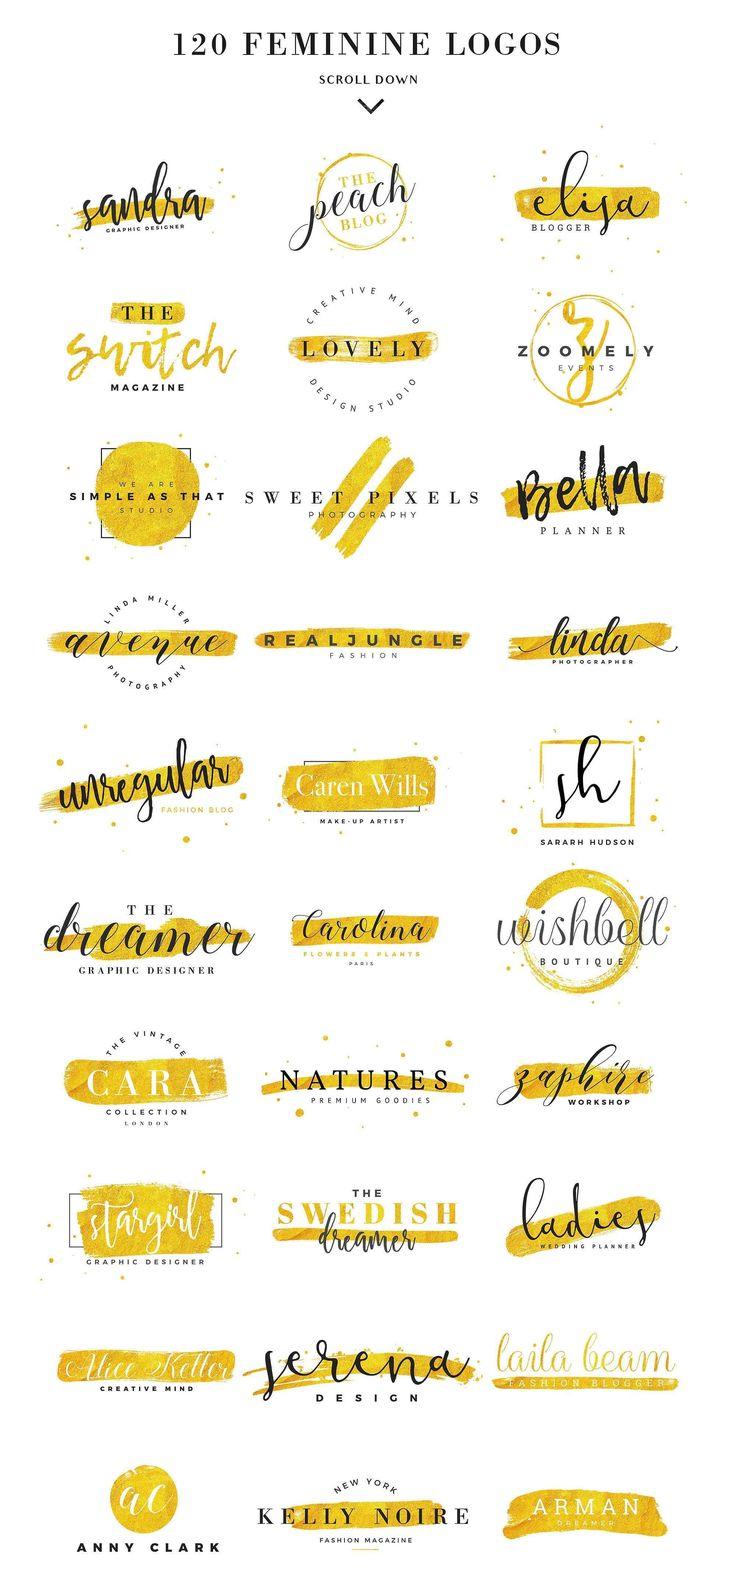 Feminine Branding Logos